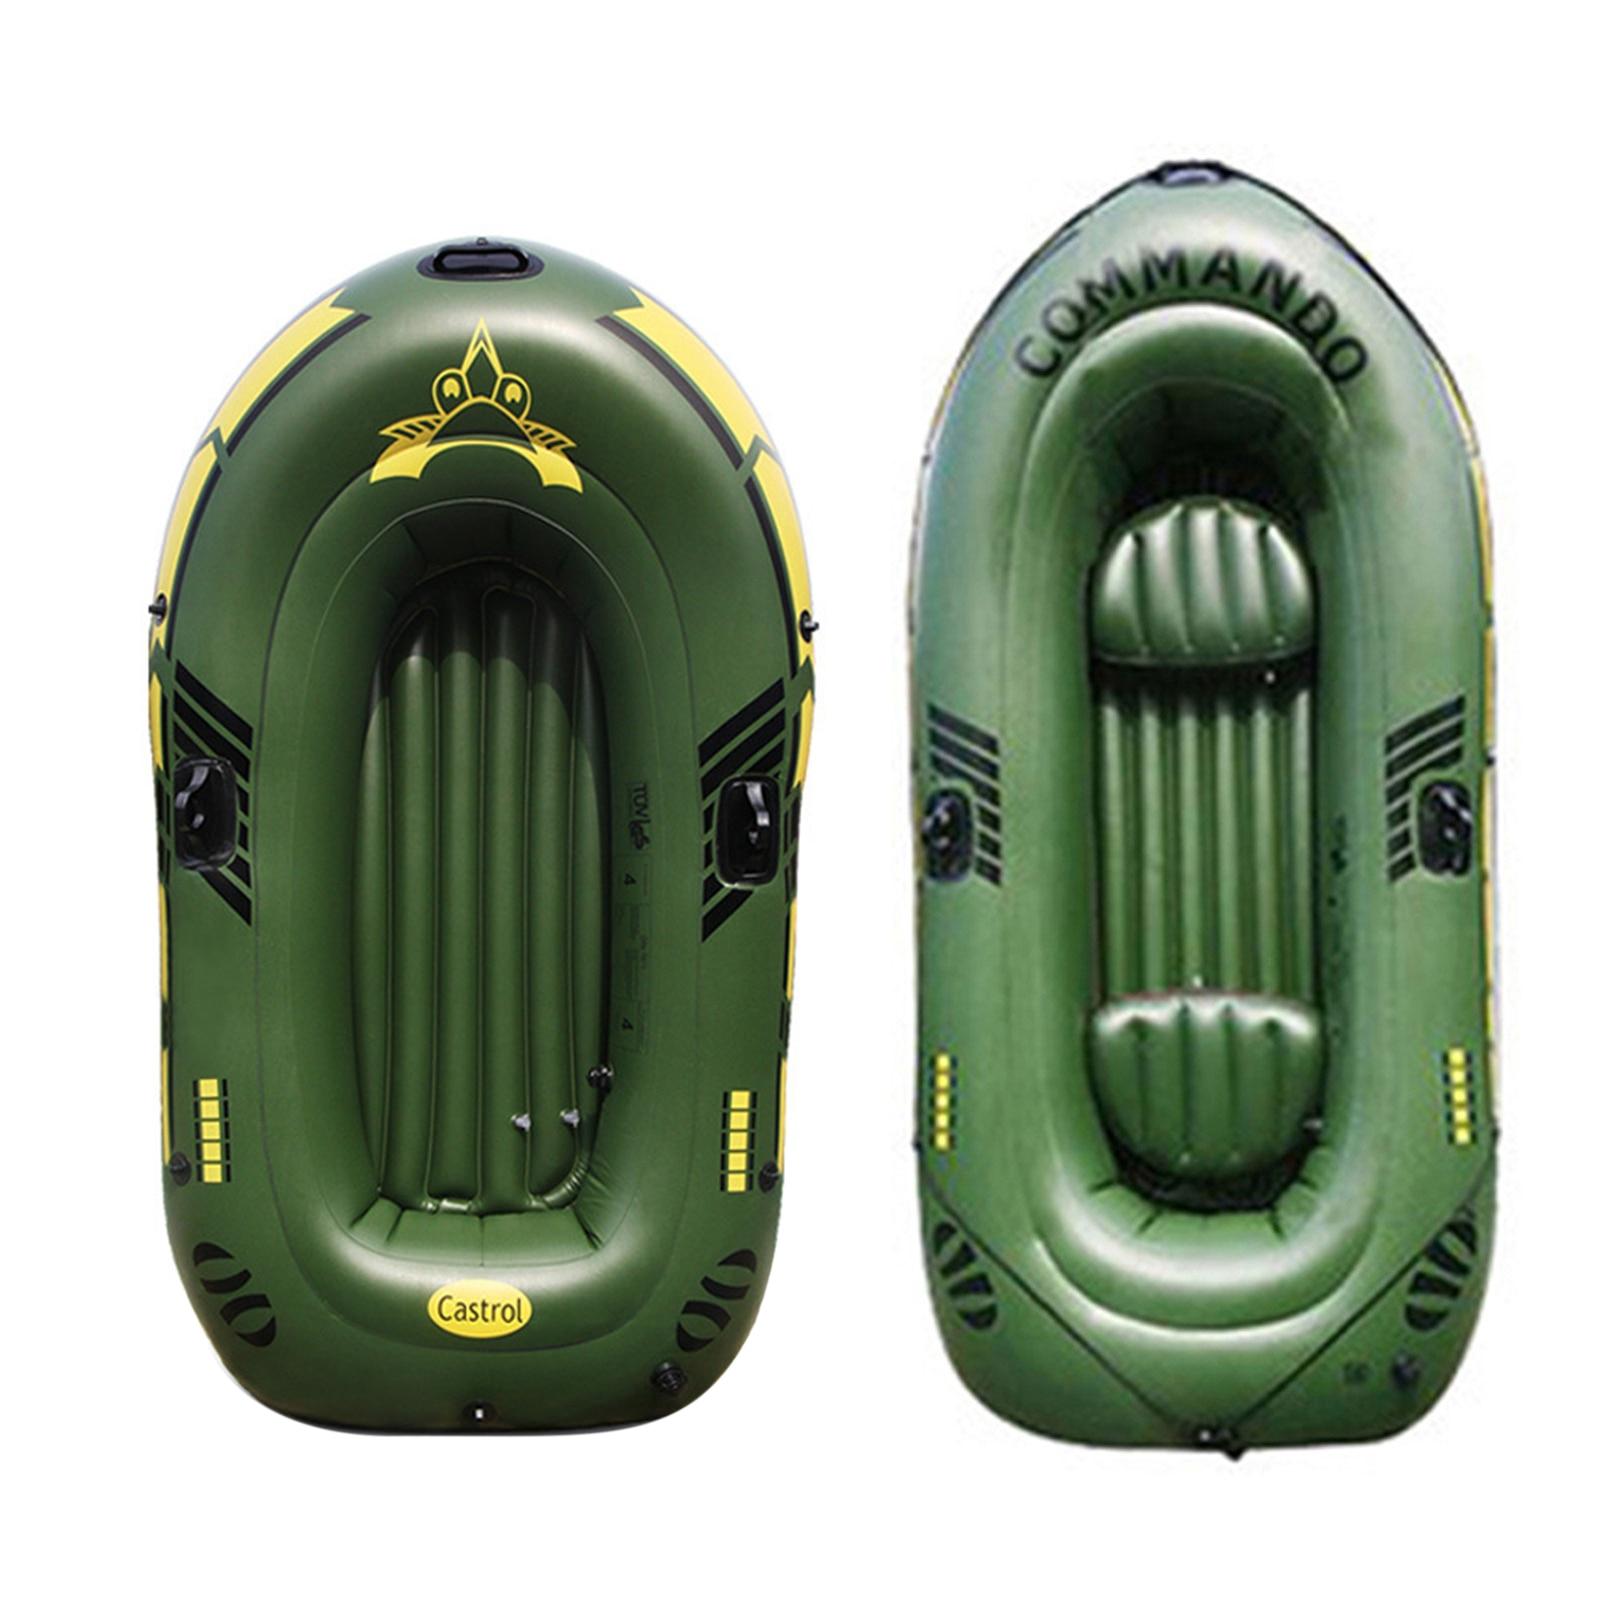 Утолщенная надувная лодка из ПВХ, плот, река, озеро, лодка, лодка с насосом, лодка для рыбалки с веслами, набор для 2/3 человек, байдарка